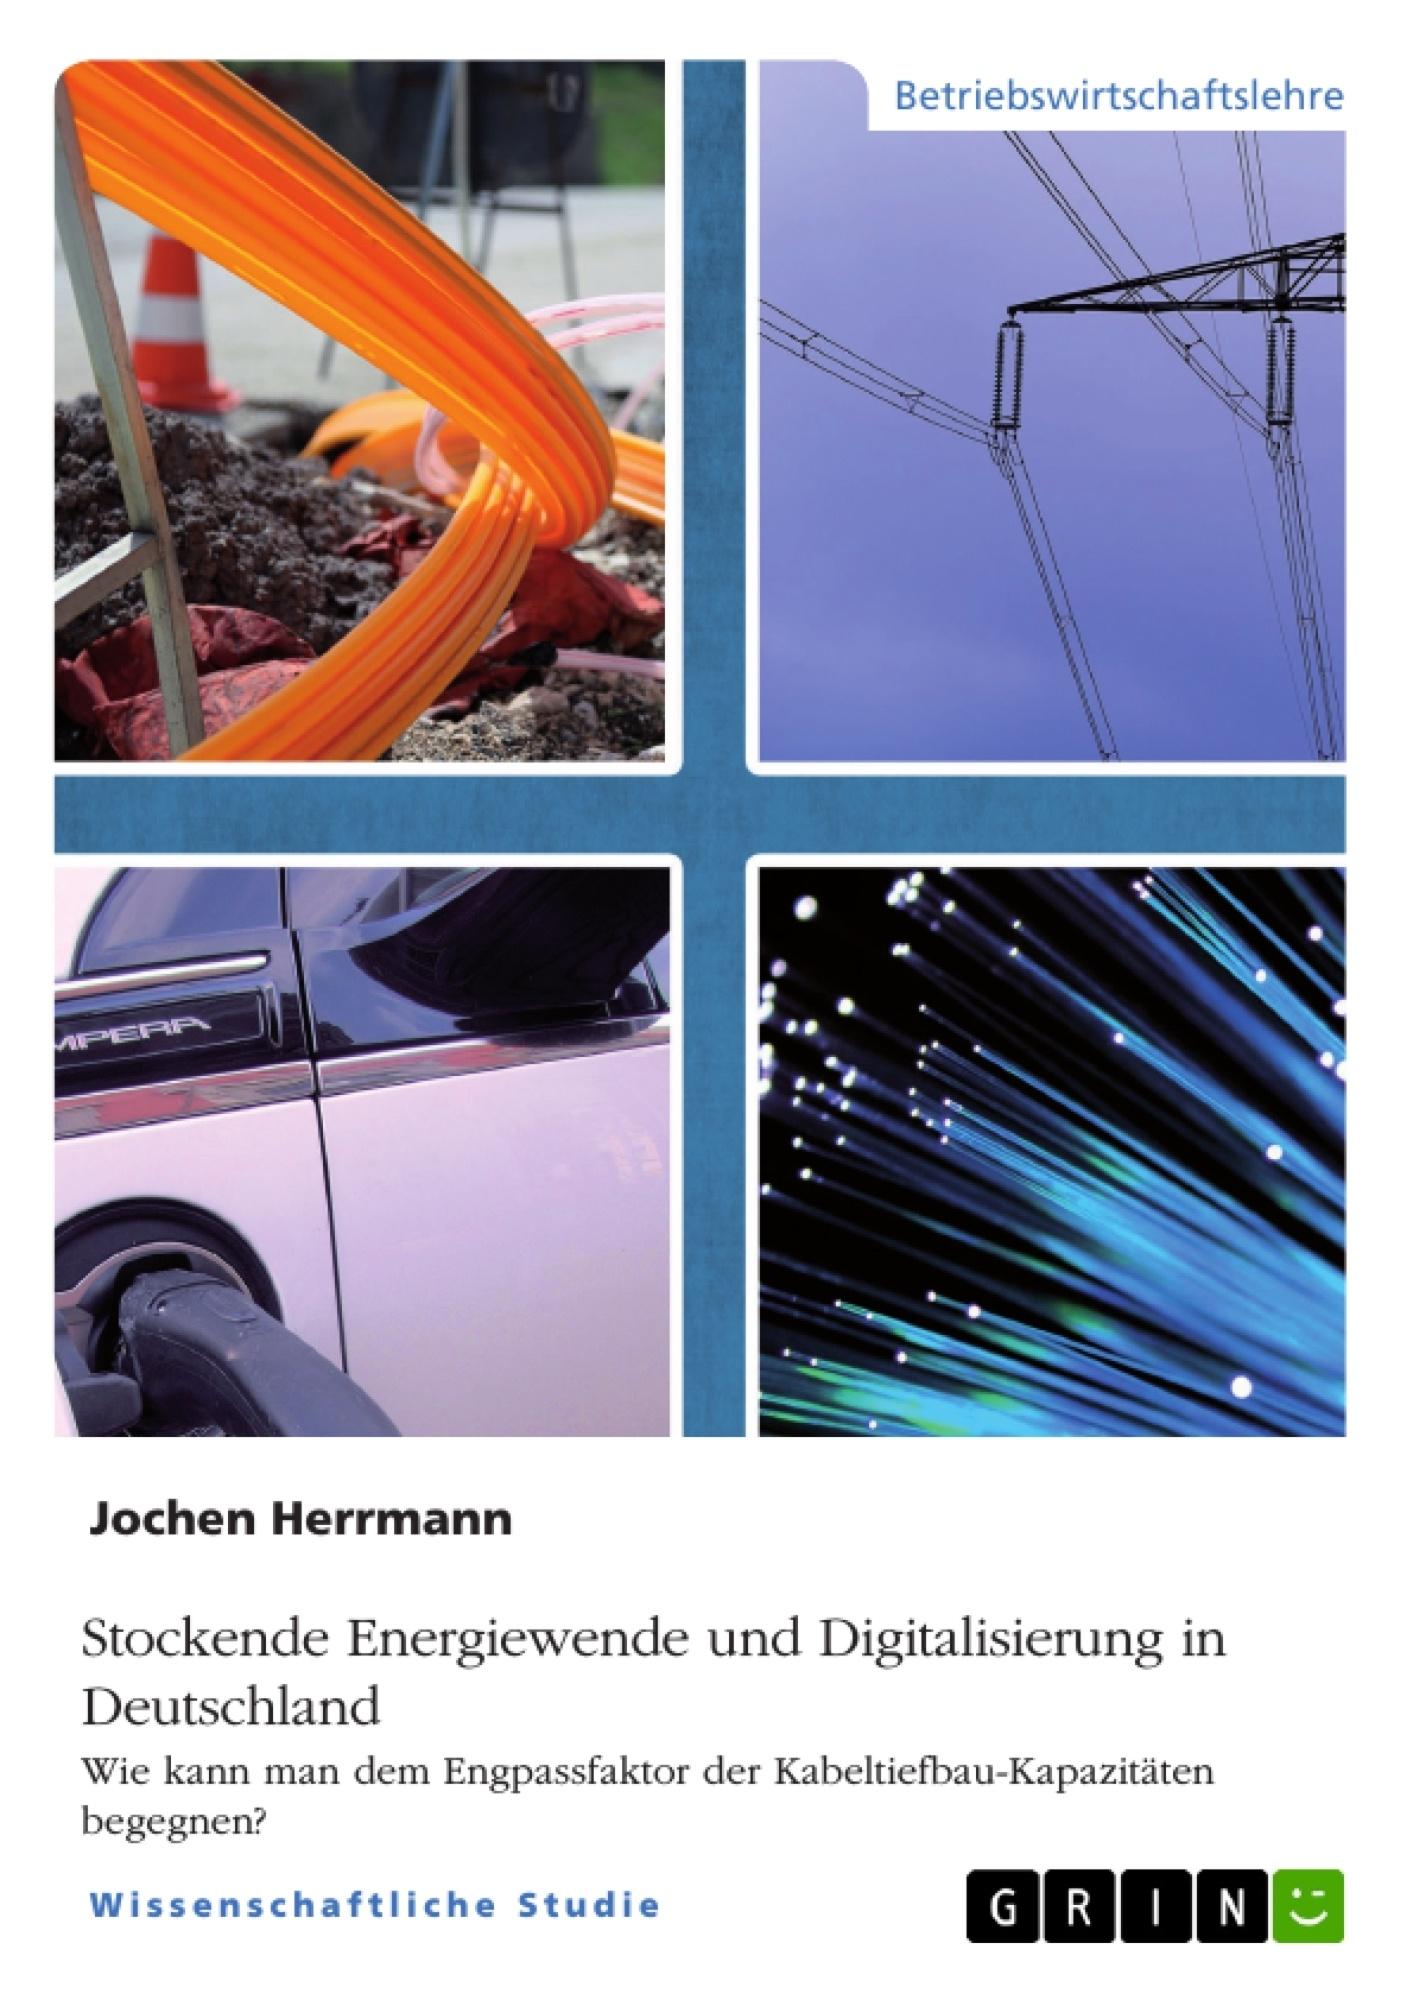 Titel: Stockende Energiewende und Digitalisierung in Deutschland